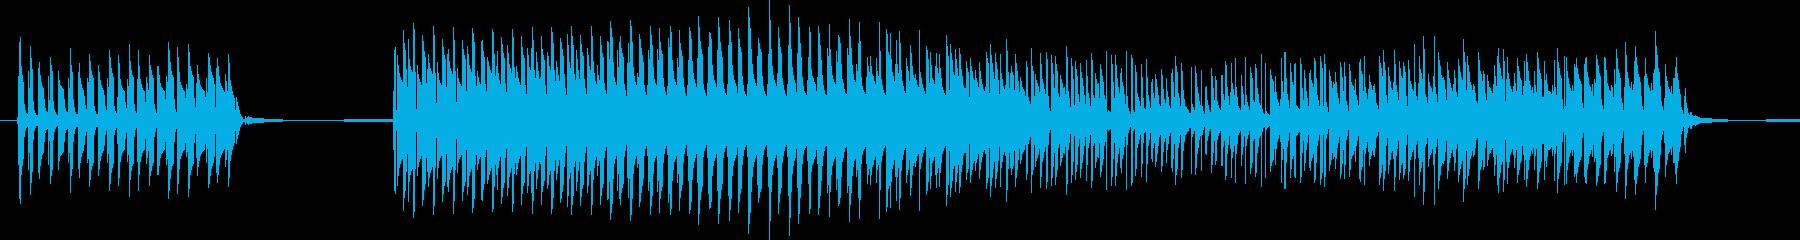 【クイズ】勢いのある不正解音「ブッブー」の再生済みの波形